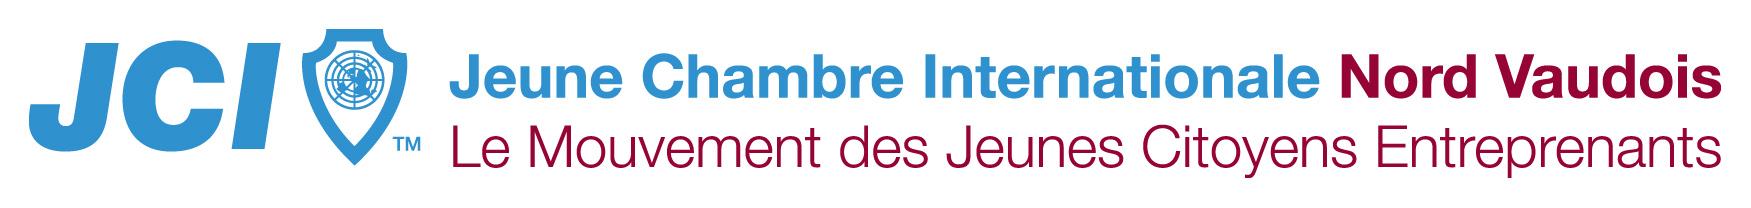 JCINV | Jeune Chambre Internationale du Nord Vaudois